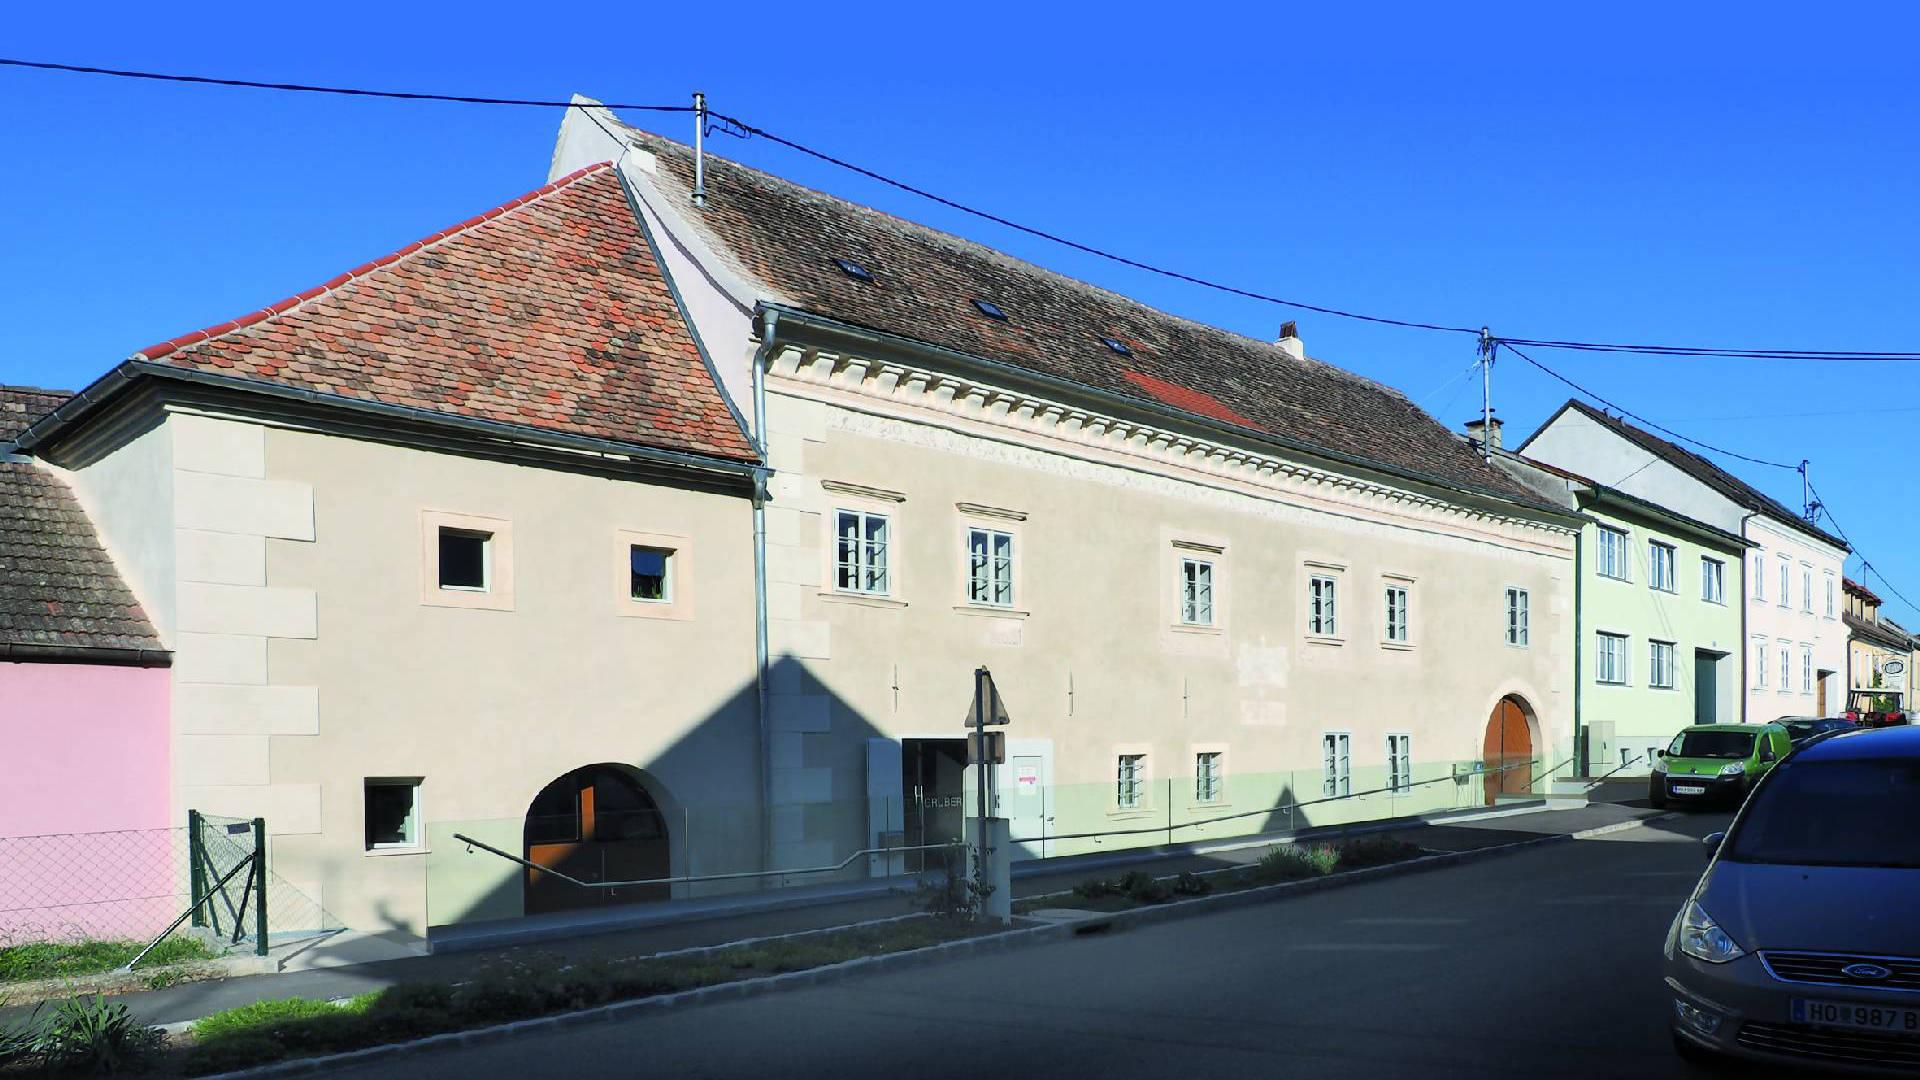 ©Heinz Schmölzer / Fassadenansicht